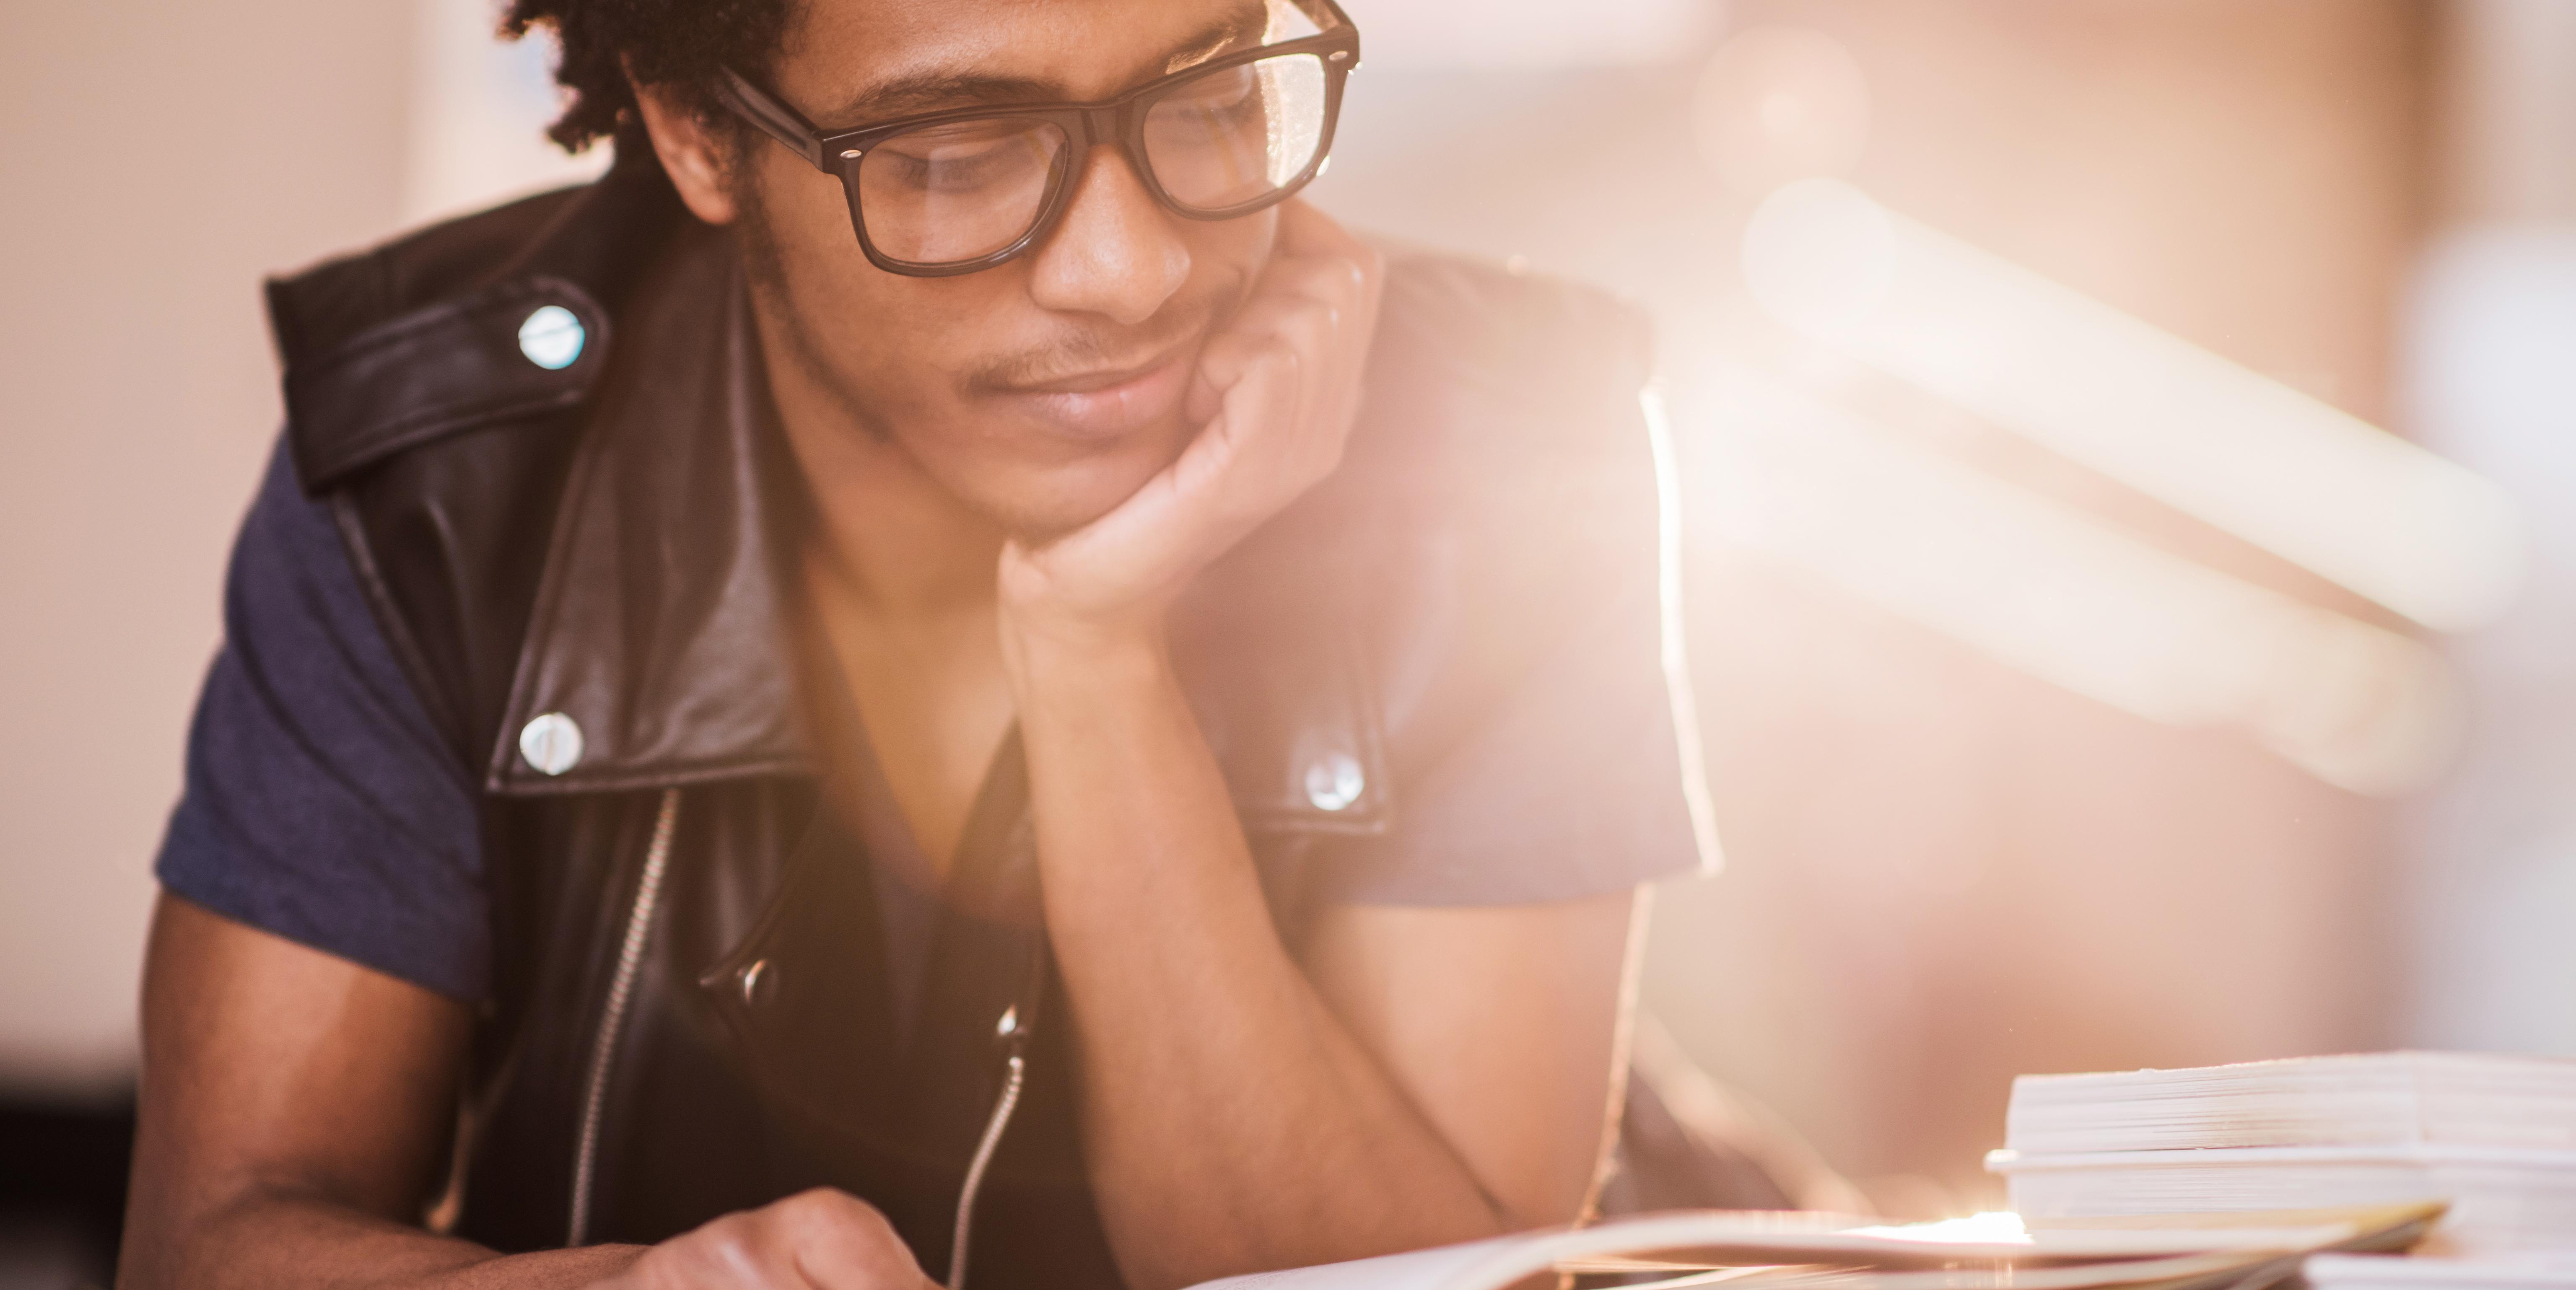 Descubre los libros esenciales que te apoyarán durante todos tus estudios de Medicina.